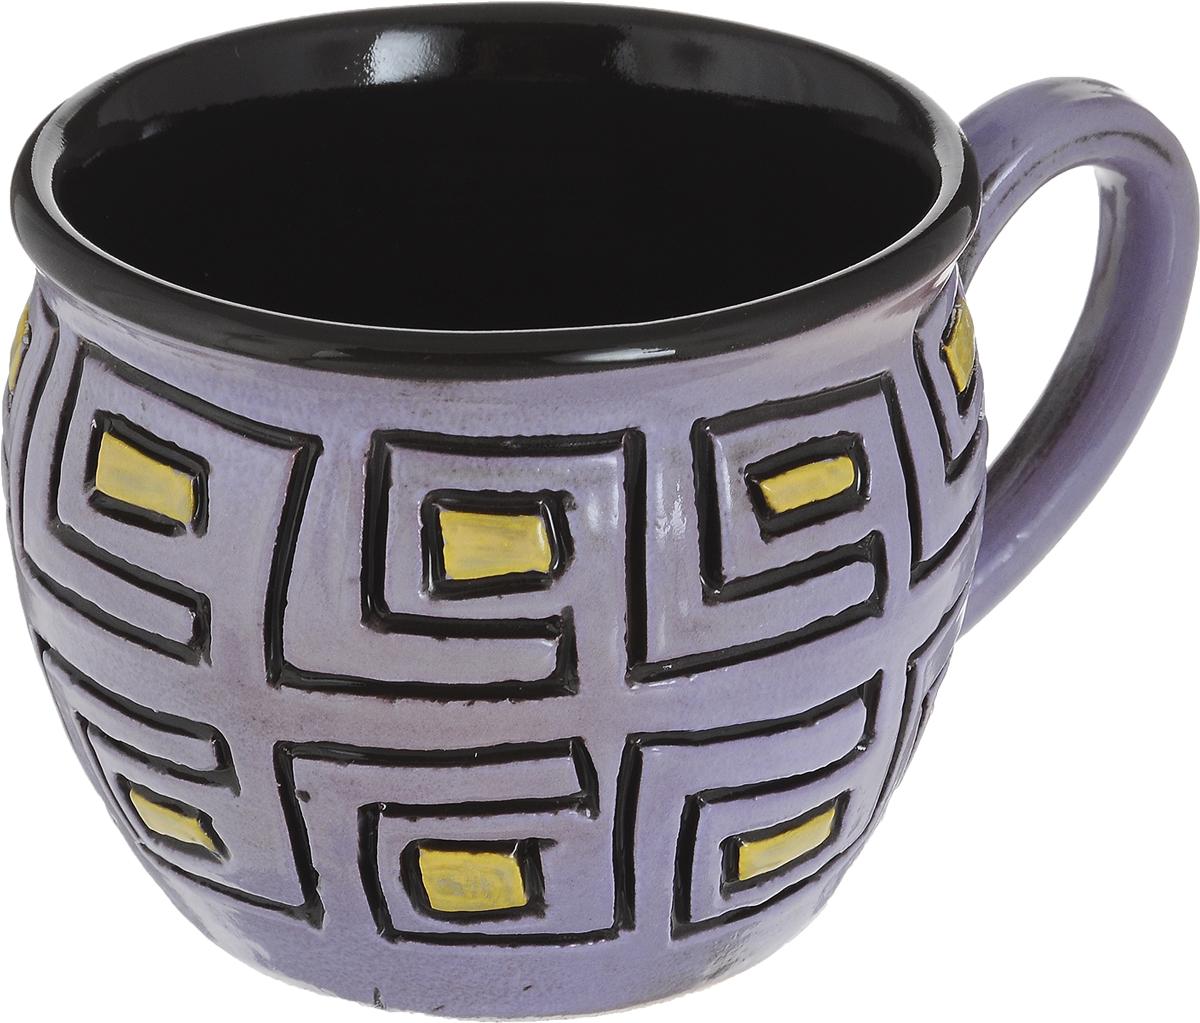 Чашка чайная Борисовская керамика Хэндмэйд, цвет: сиреневый, черный, желтый, 300 млОБЧ00003214_сиреневый, черный, желтыйУдобная чашка Борисовская керамика Хэндмэйд предназначена для повседневного использования. Она выполнена из высококачественной керамики. Природные свойства этого материала позволяют долго сохранять температуру напитка, даже если вы пьете что-то холодное.